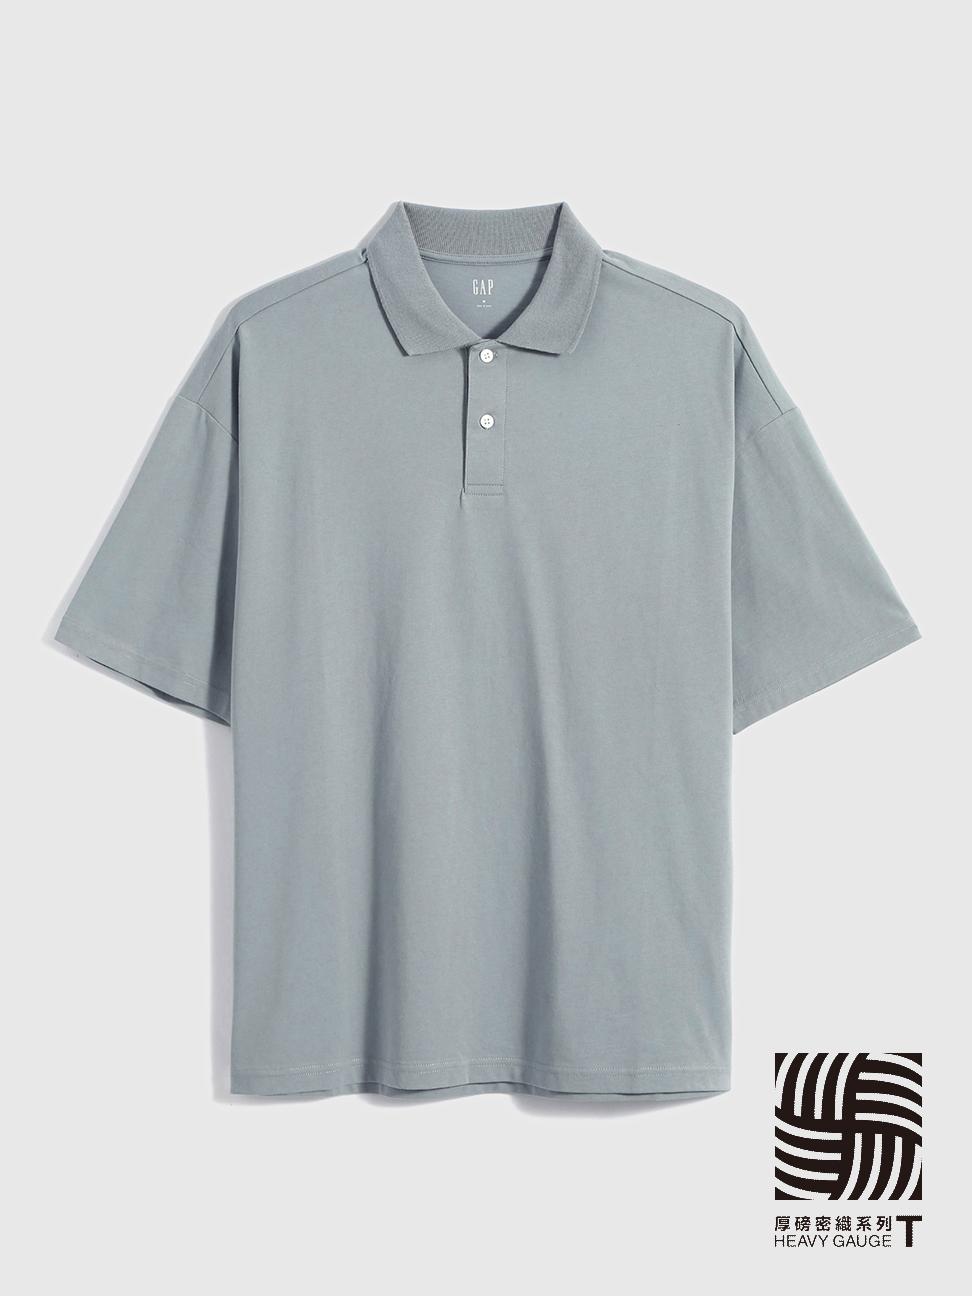 男裝 厚磅密織系列復古休閒寬鬆純棉POLO衫